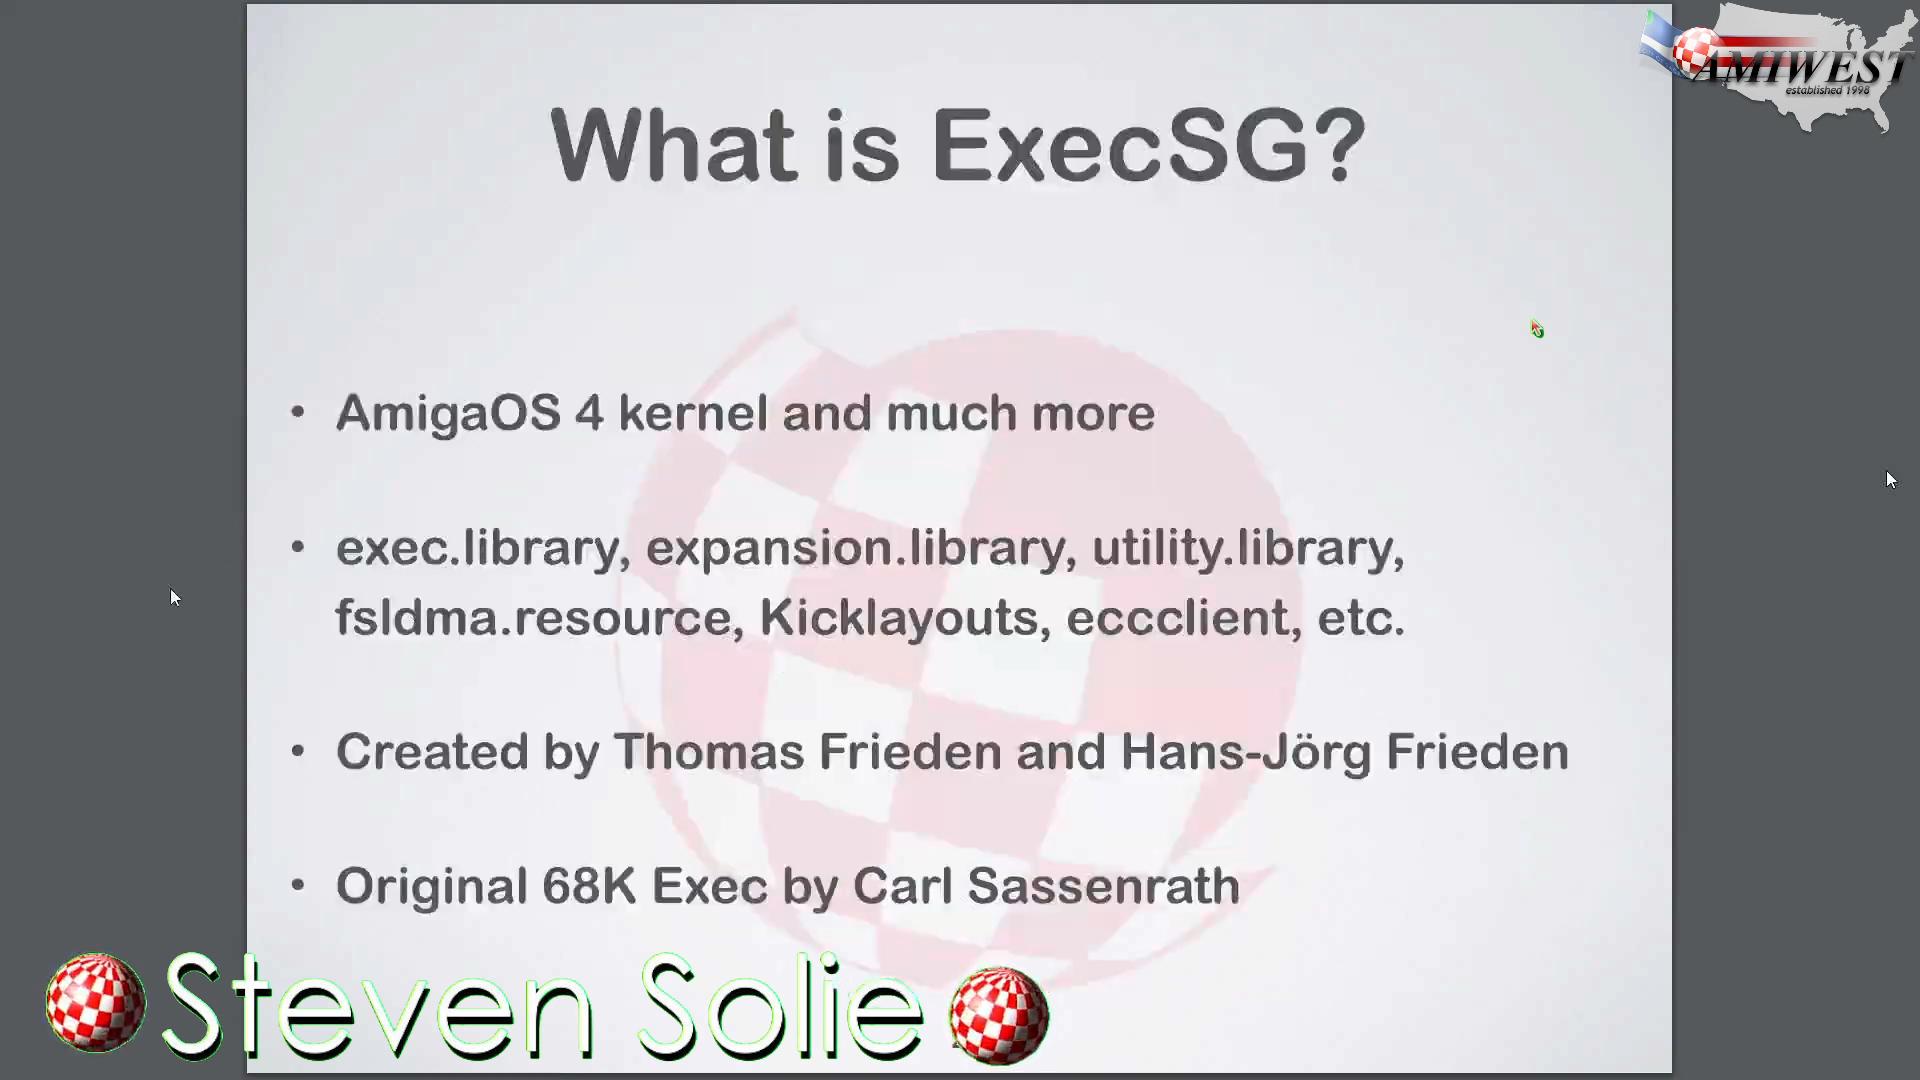 https://amiga-ng.org/resources/ExecSG/1.png